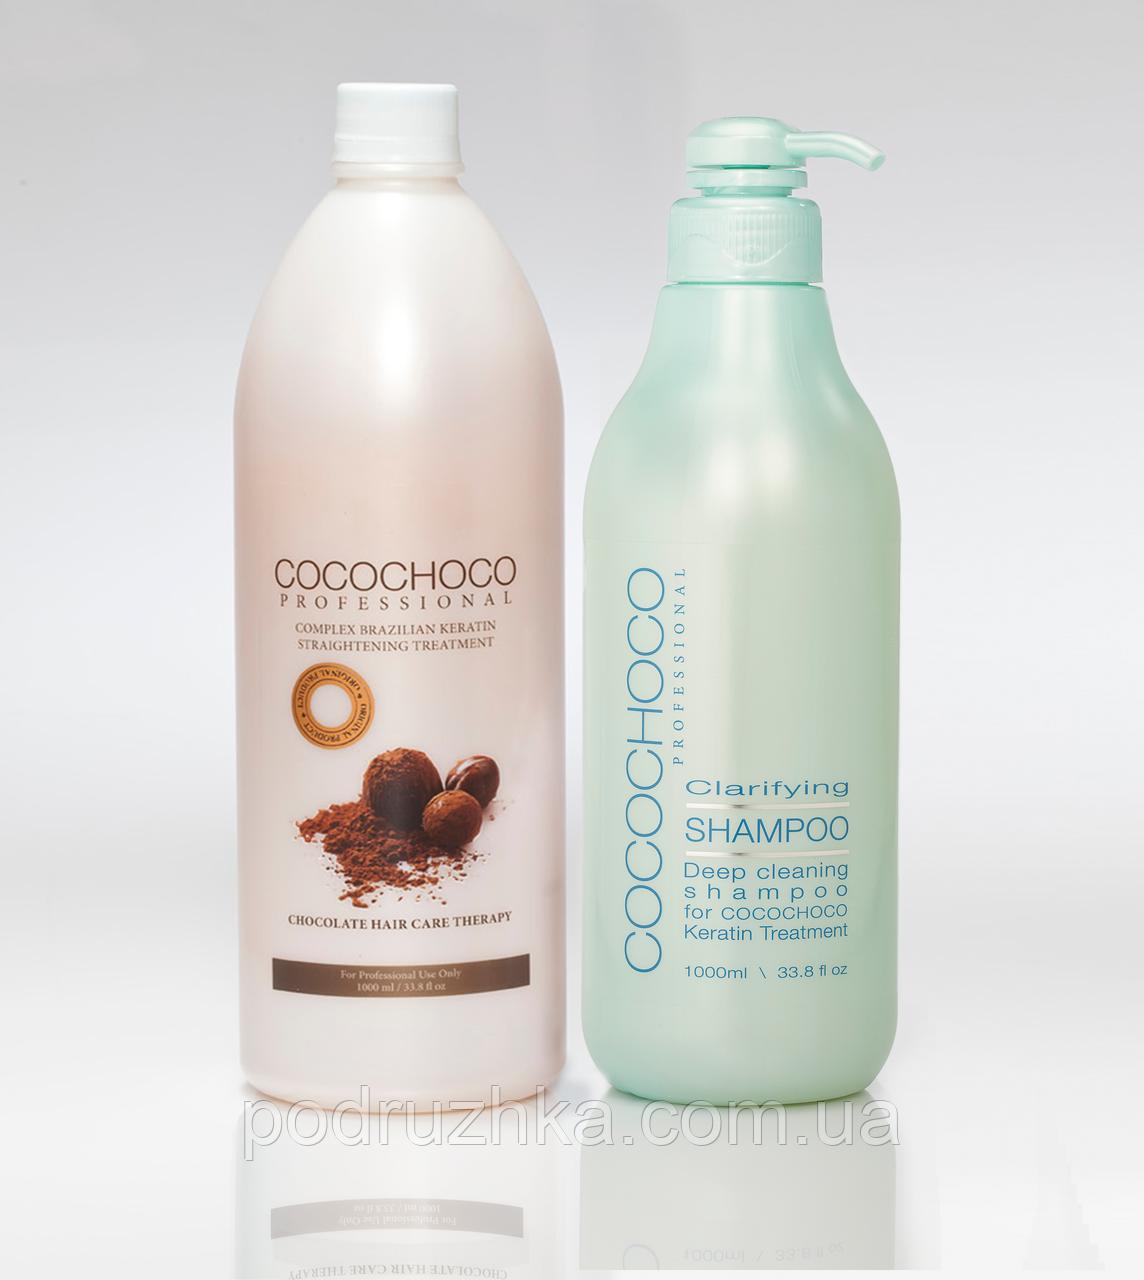 Набор для кератинового выпрямления волос Cocochoco Original, 2х1000